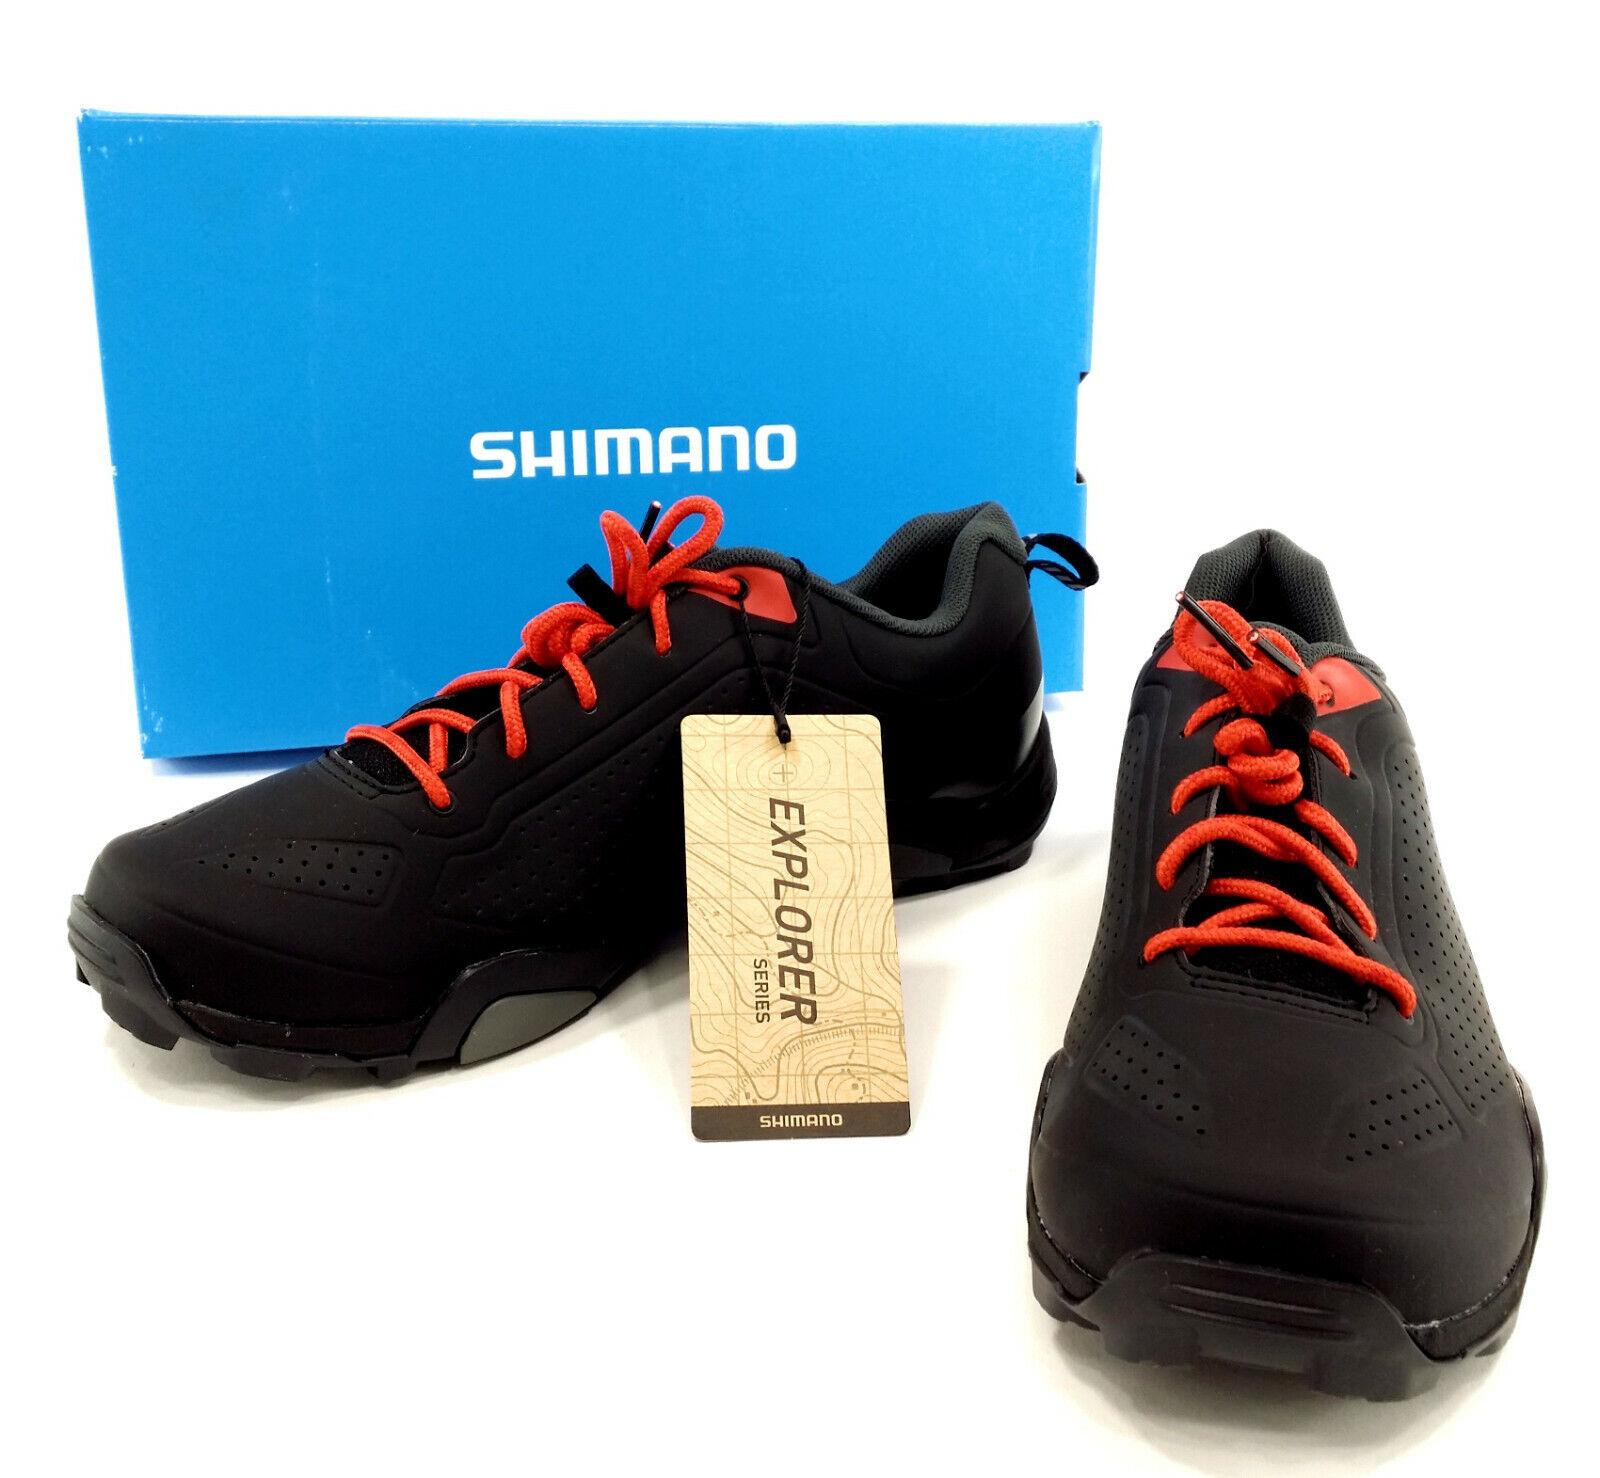 Shimano SH-MT3 Mountain Bike shoes - Men's US 5.2,